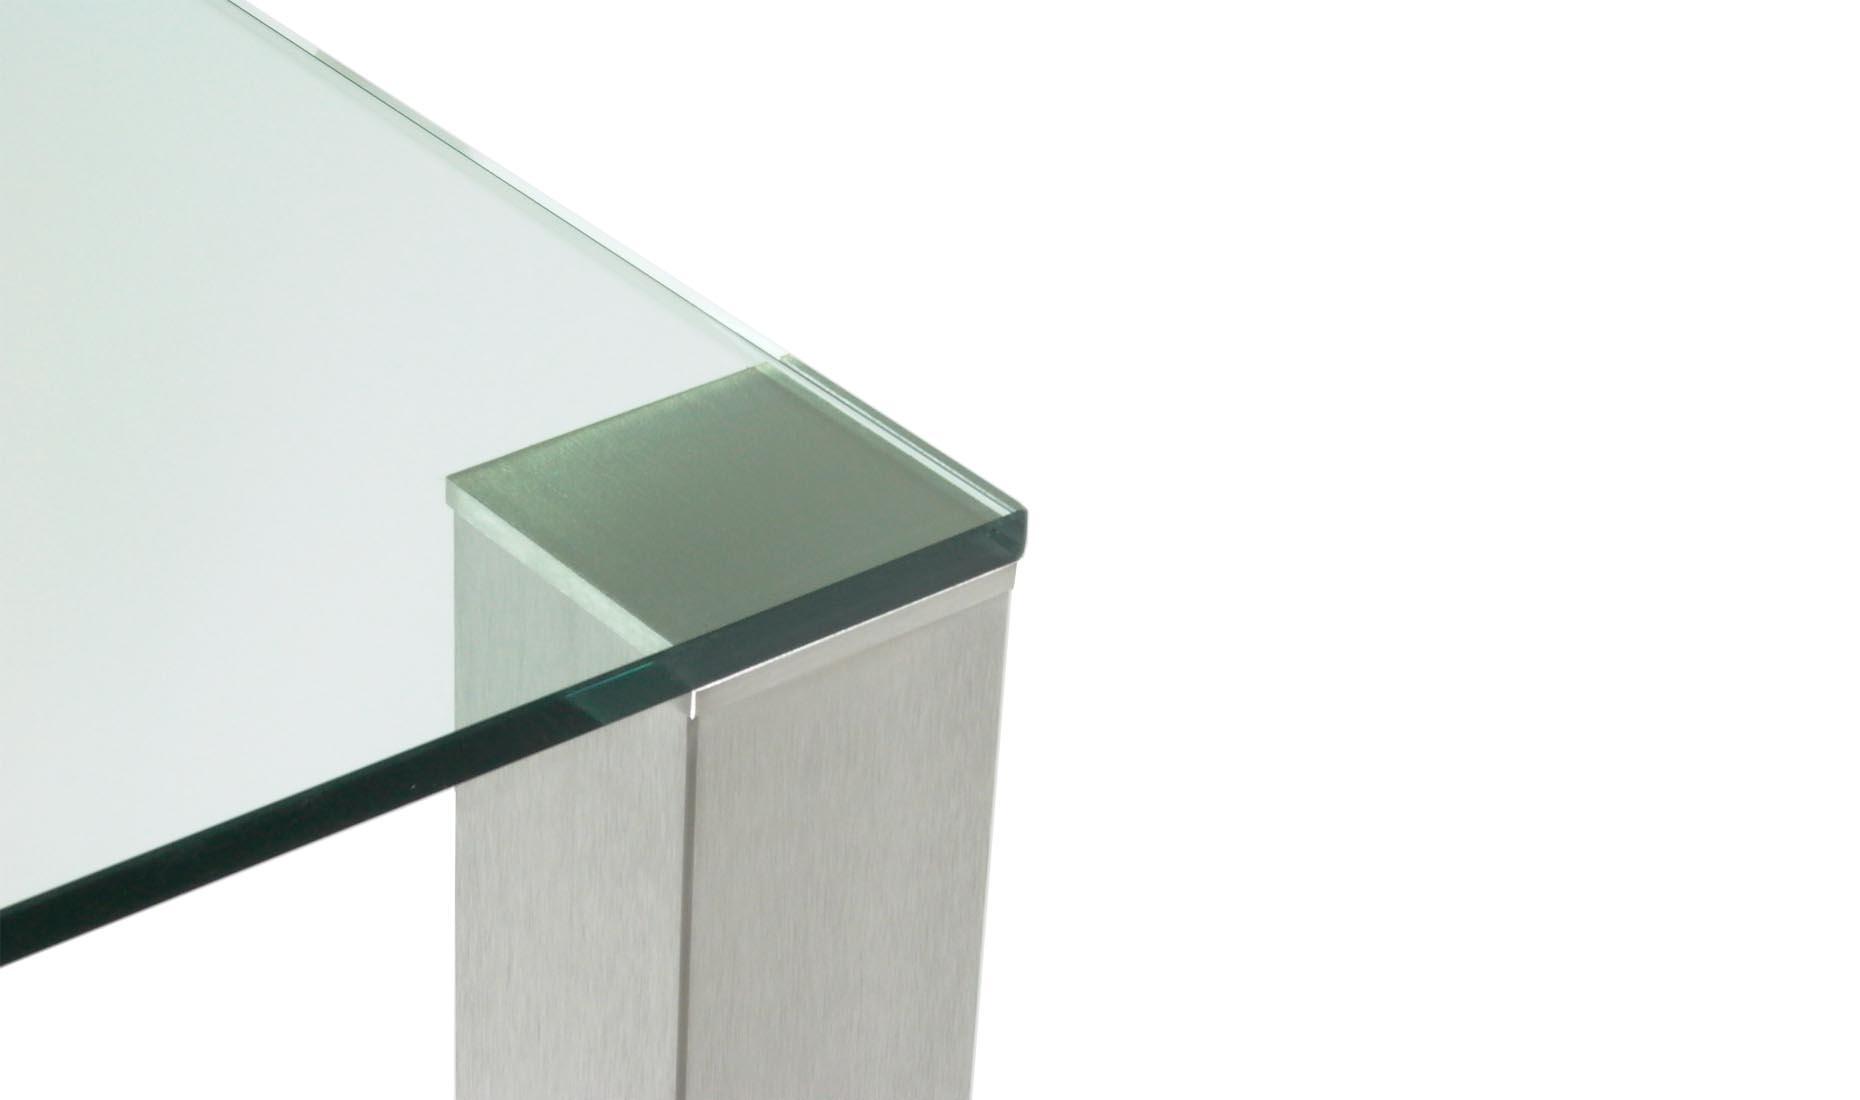 Esstisch glas edelstahl  Glas-Esstisch nach Maß - CUB-100 (Hersteller - Deutschland)